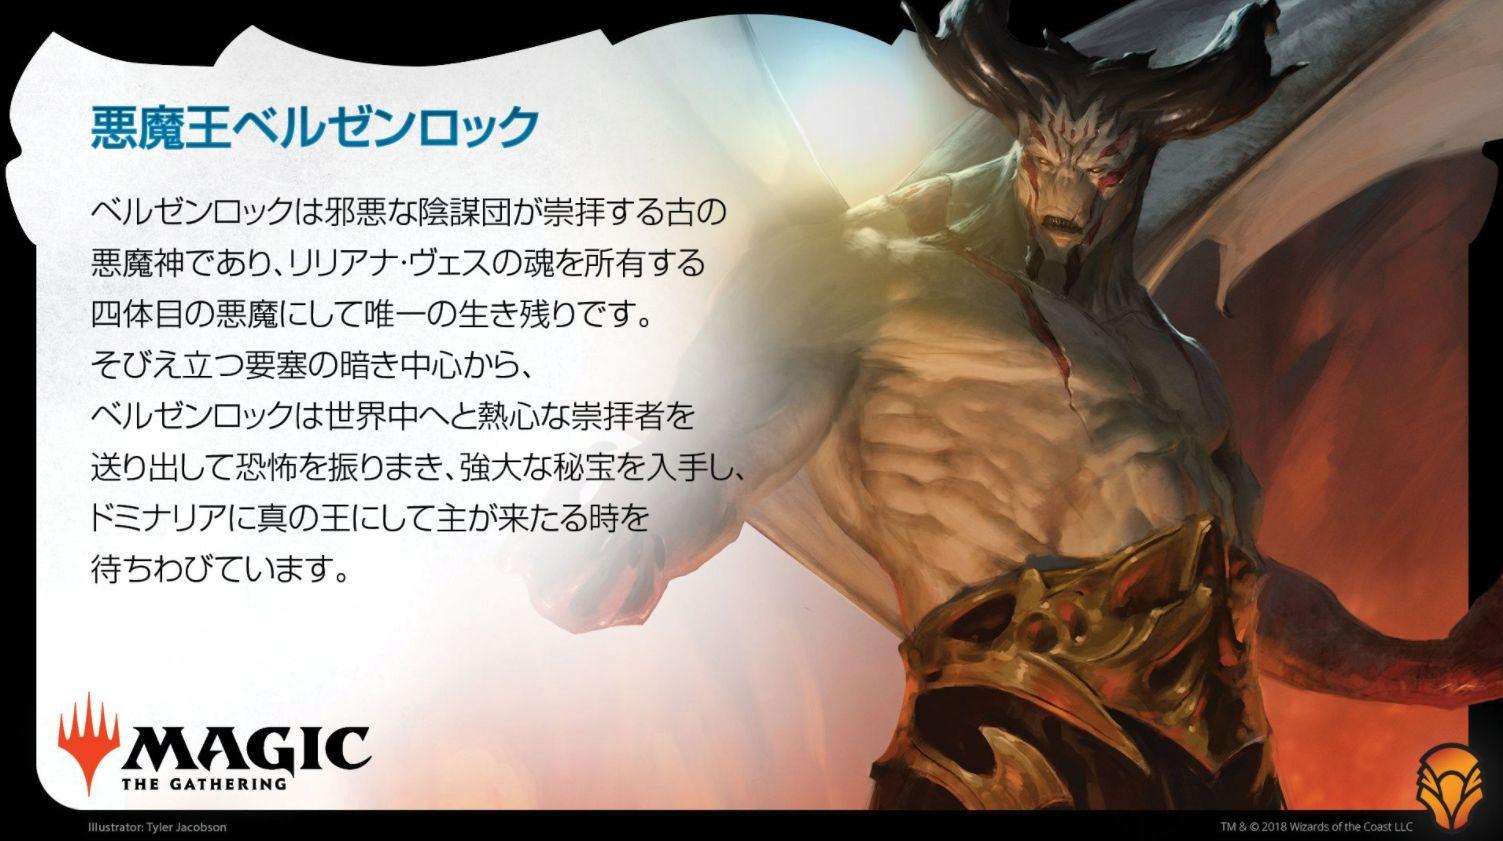 悪魔王ベルゼンロック(Demonlord Belzenlok)ドミナリア-キャラクター紹介